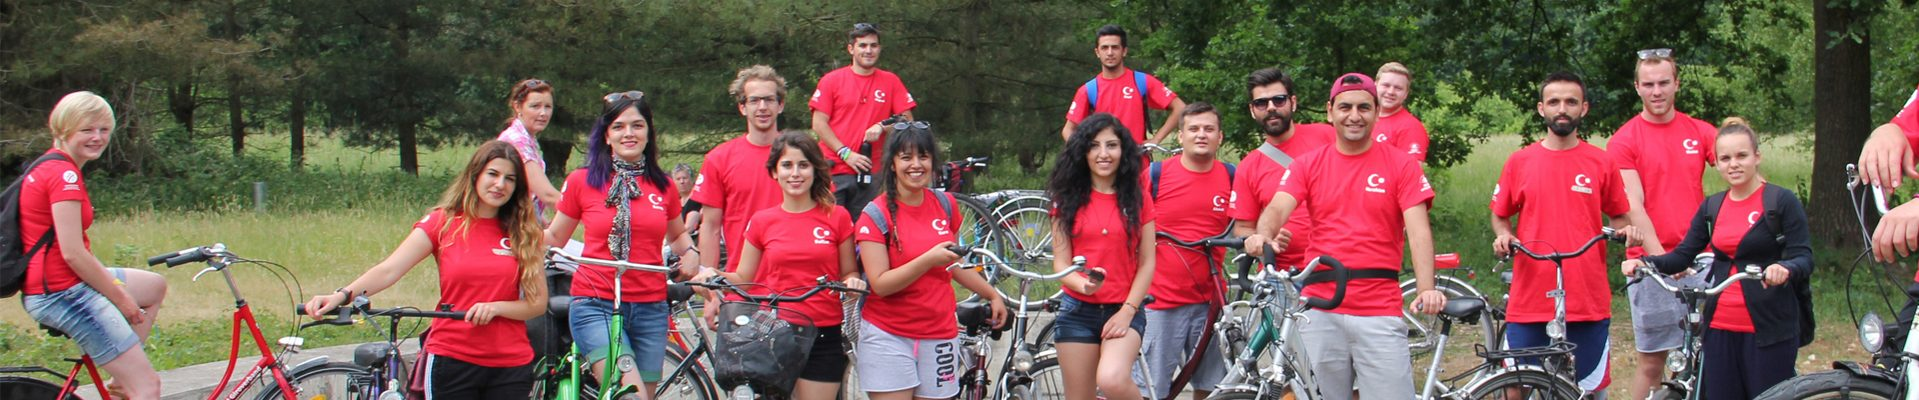 Headerbild Internationale Jugendarbeit: deutsch-türkische Radfahrergruppe